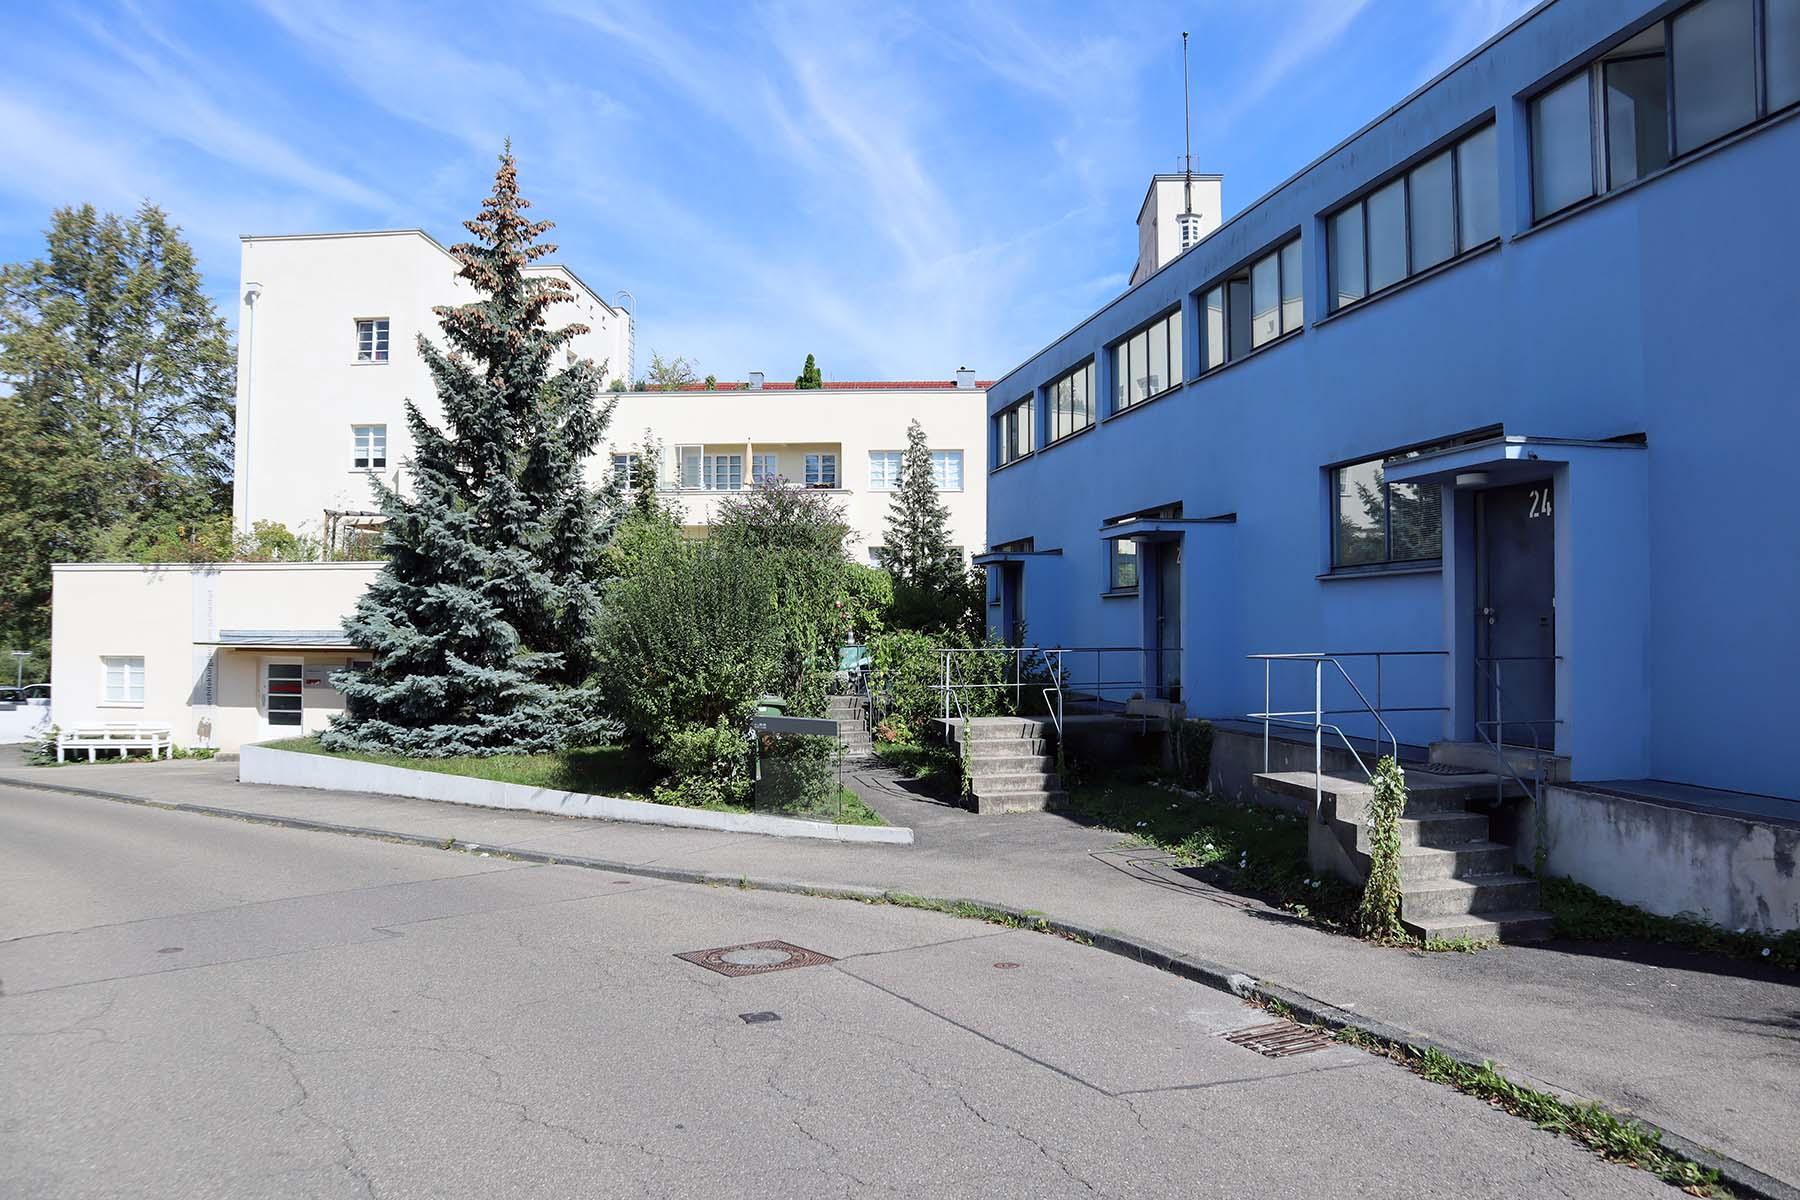 Weissenhofsiedlung. Terrassenhaus von Peter Behrens, rechts die Terrassenhäuser von Mart Stam.